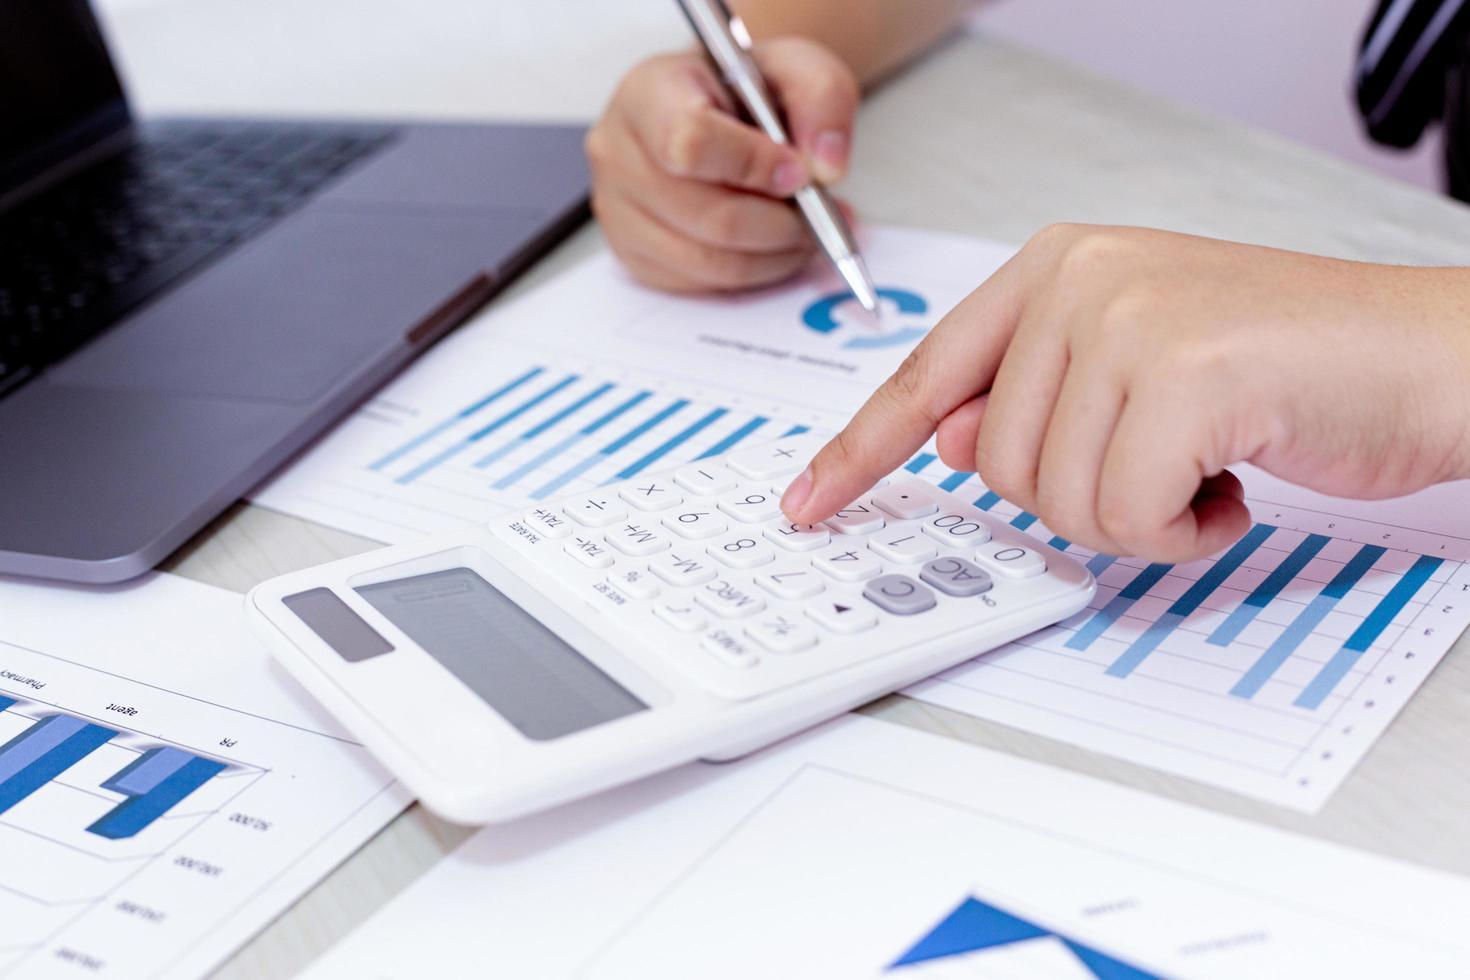 l'uomo d'affari utilizza il calcolatore per analizzare i dati finanziari sul lavoro foto